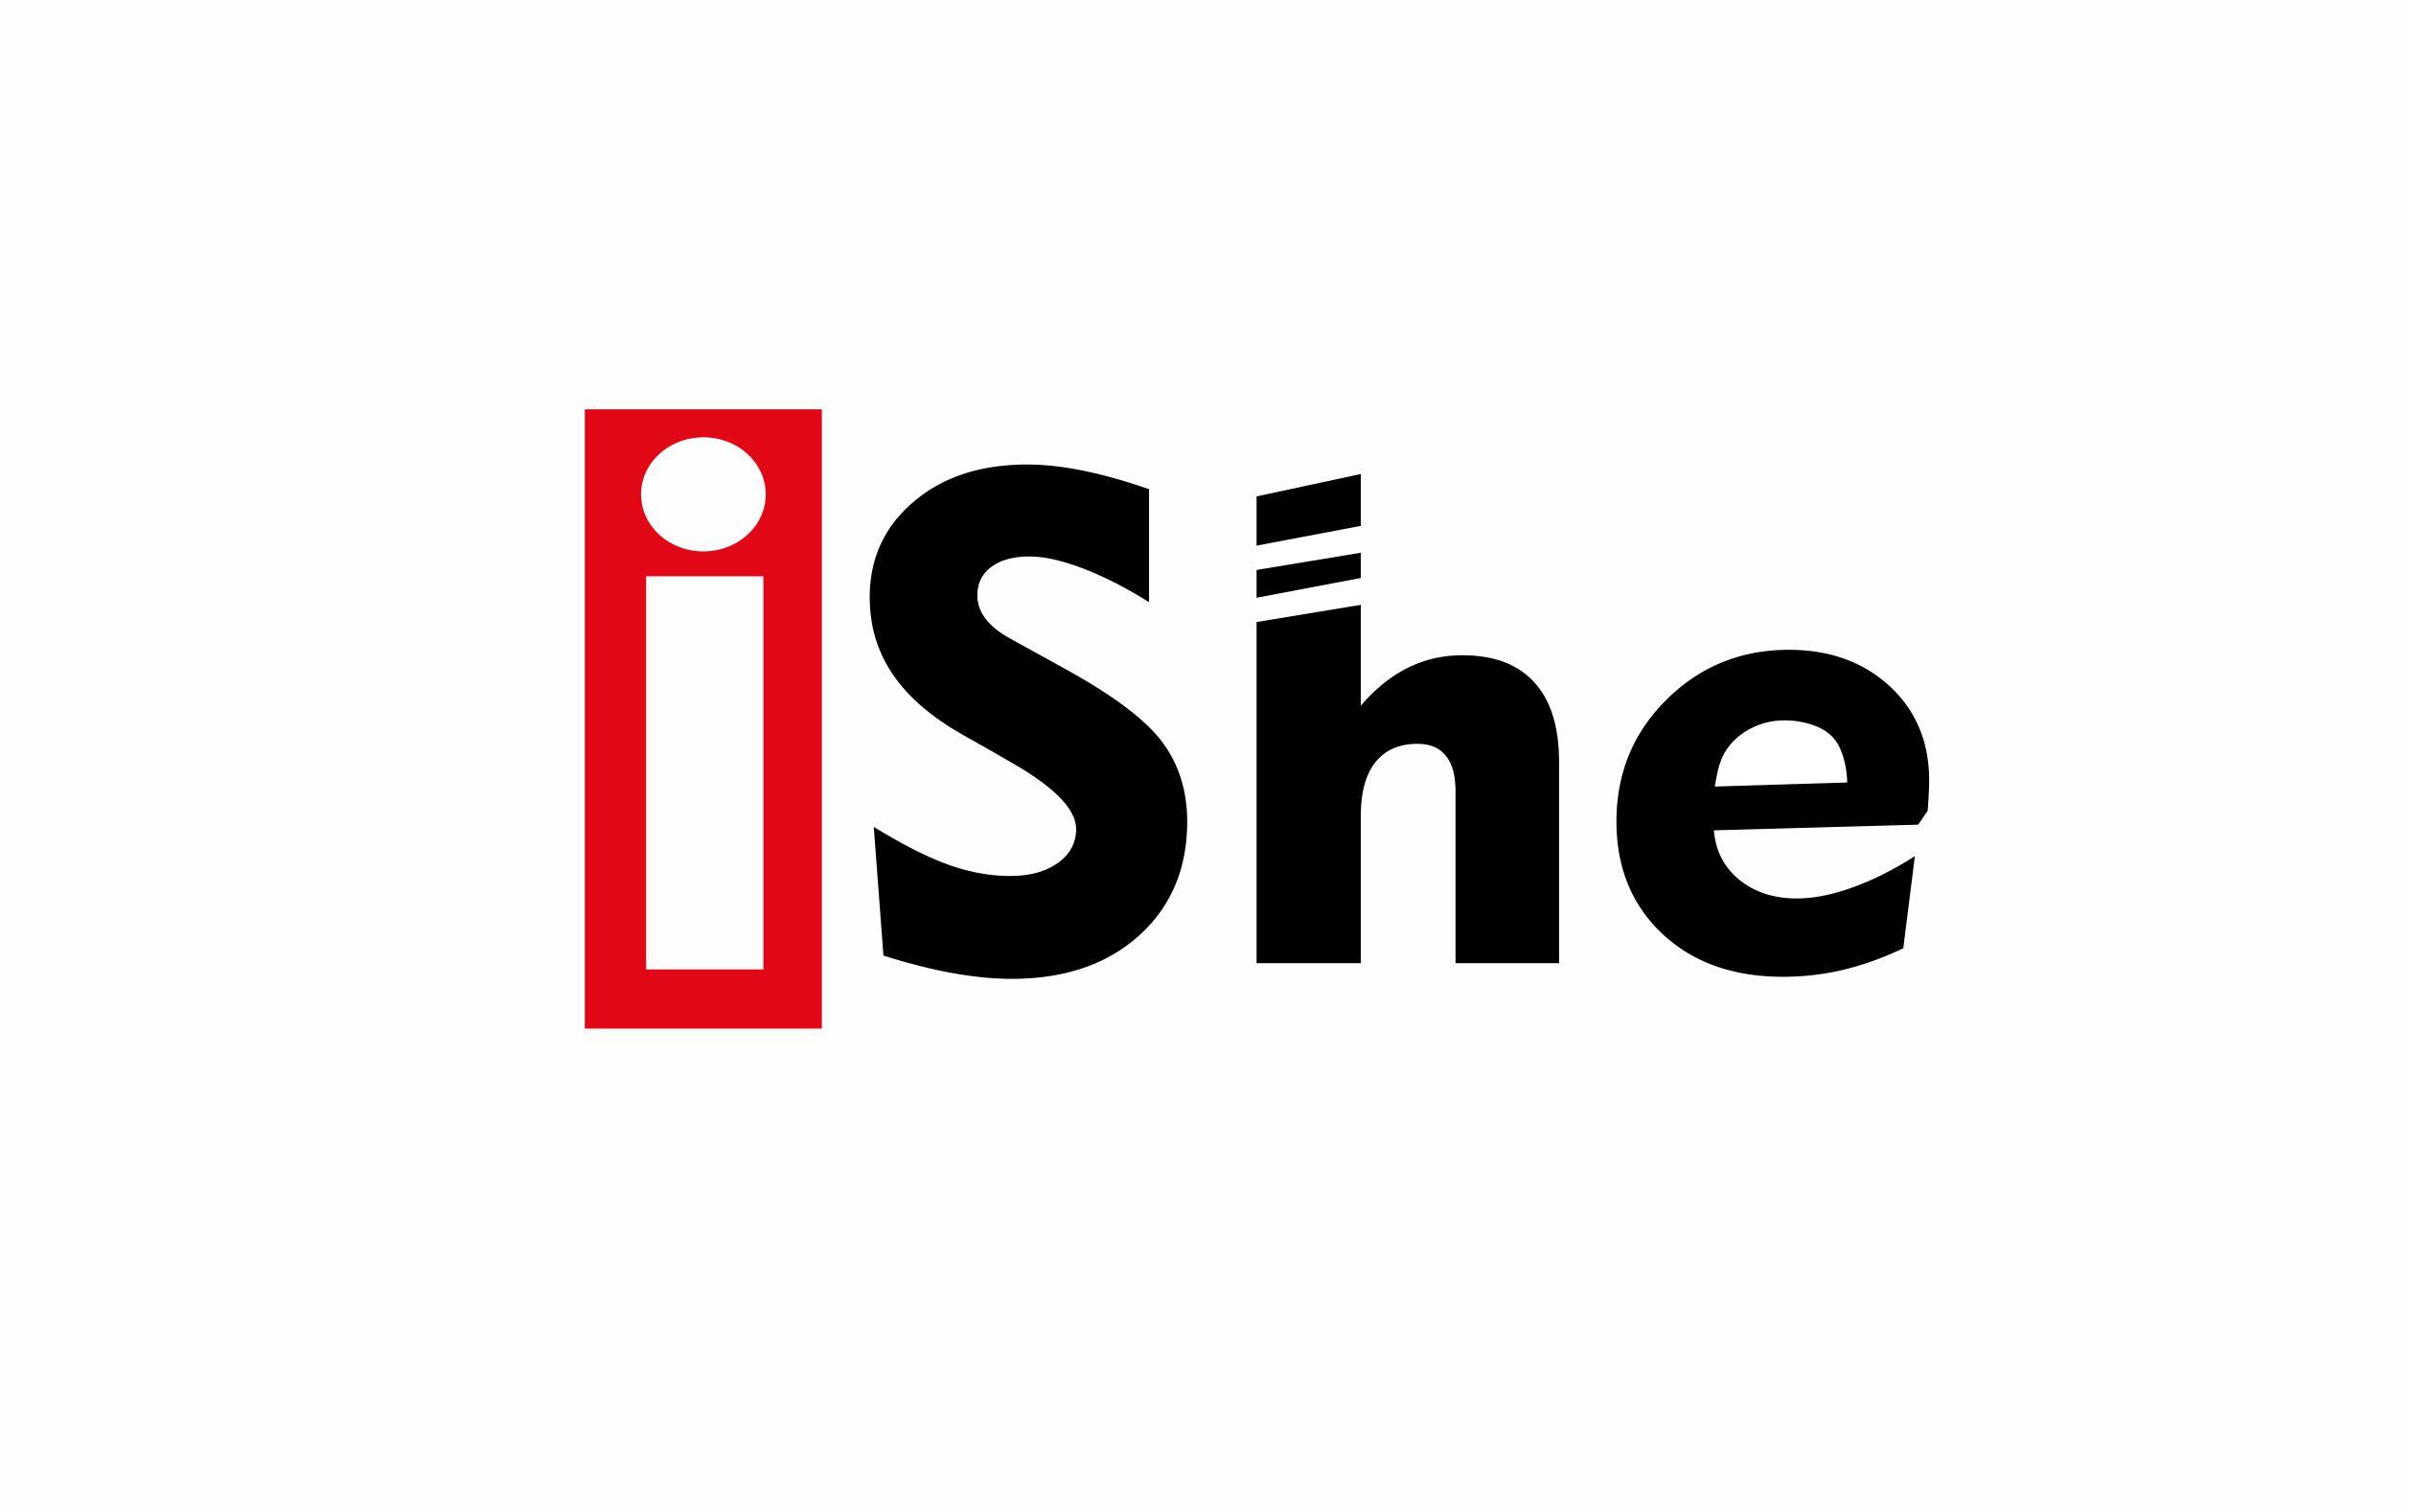 """Создать логотип для торговой марки """"IShe"""" фото f_420601be37db8bf9.jpg"""